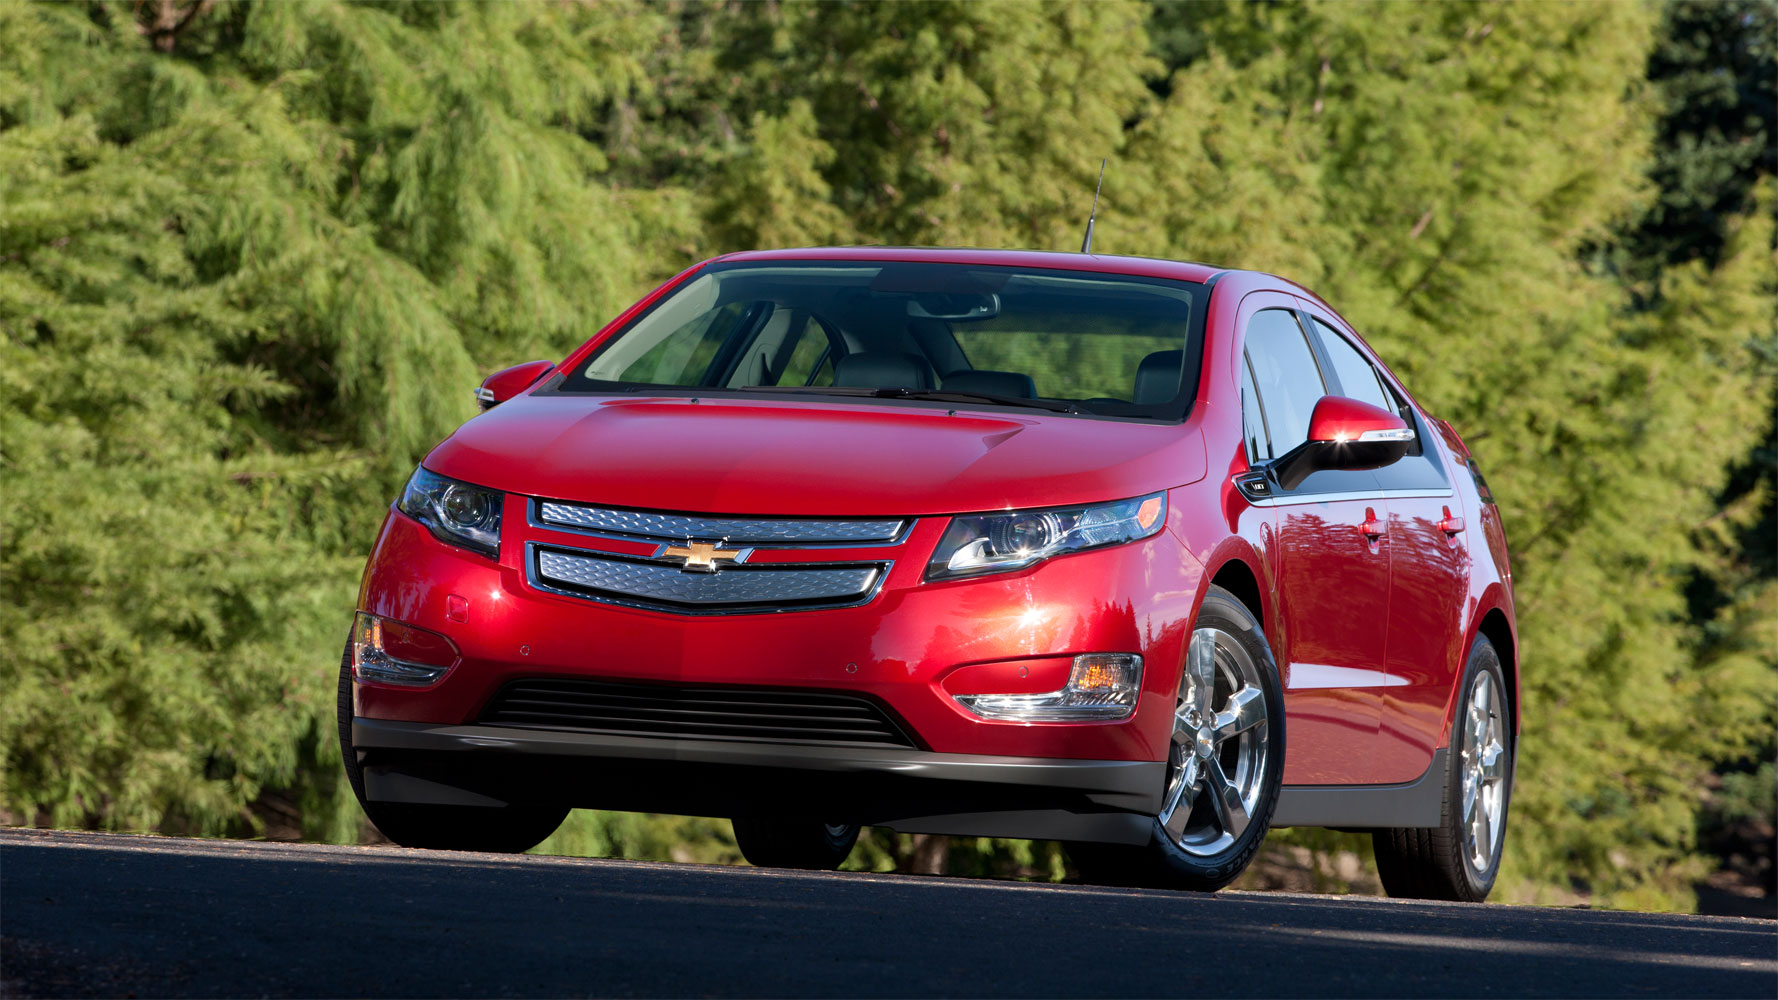 USA: Modelljahr 2014 des Chevy Volt 5.000$ günstiger